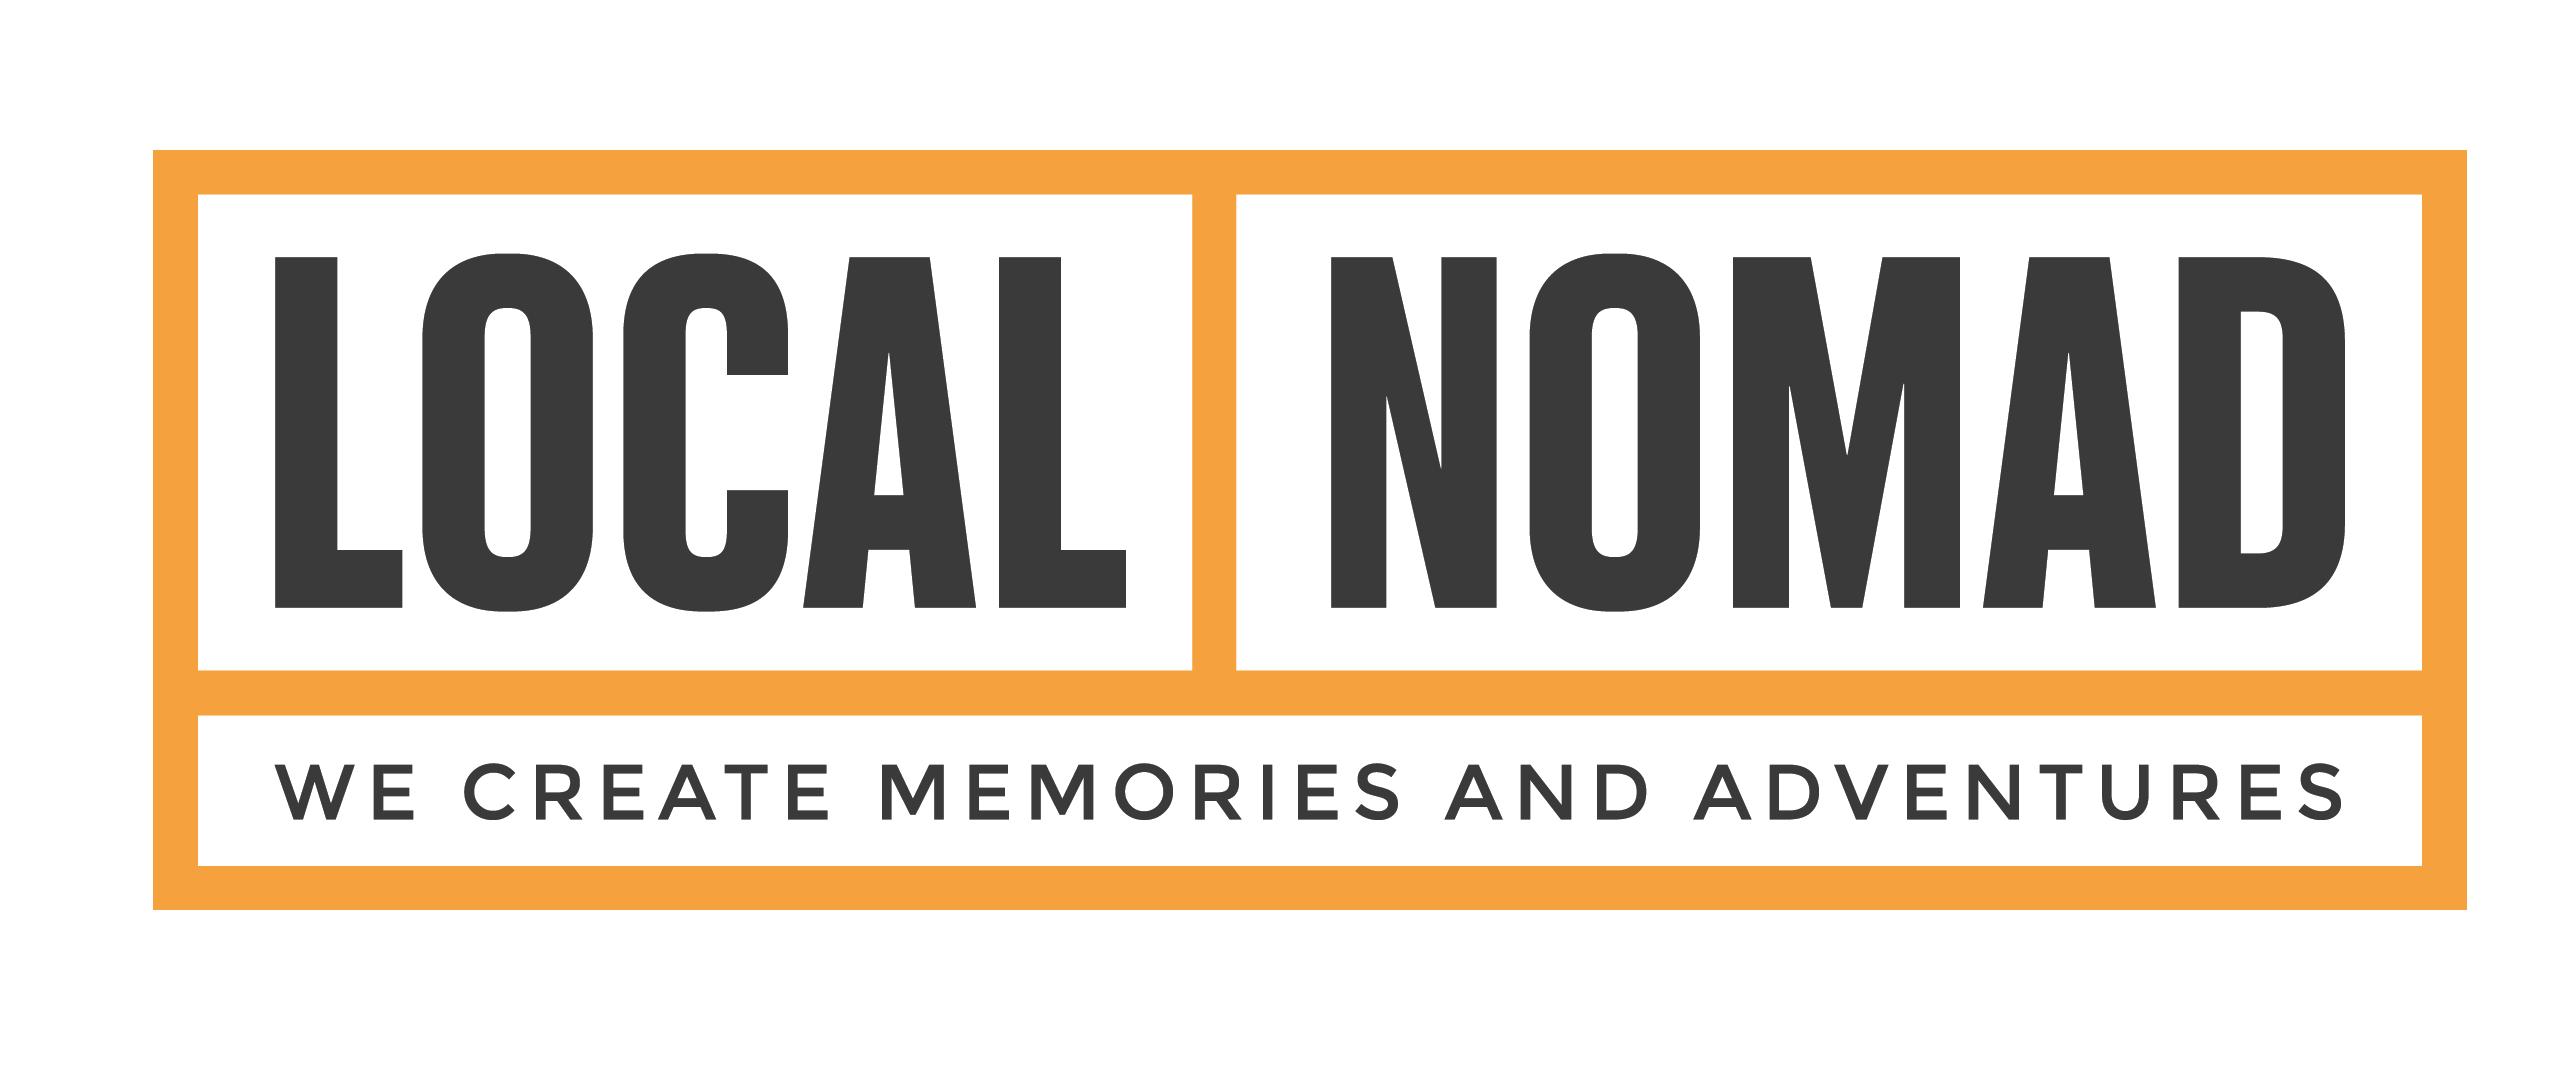 Local Nomad